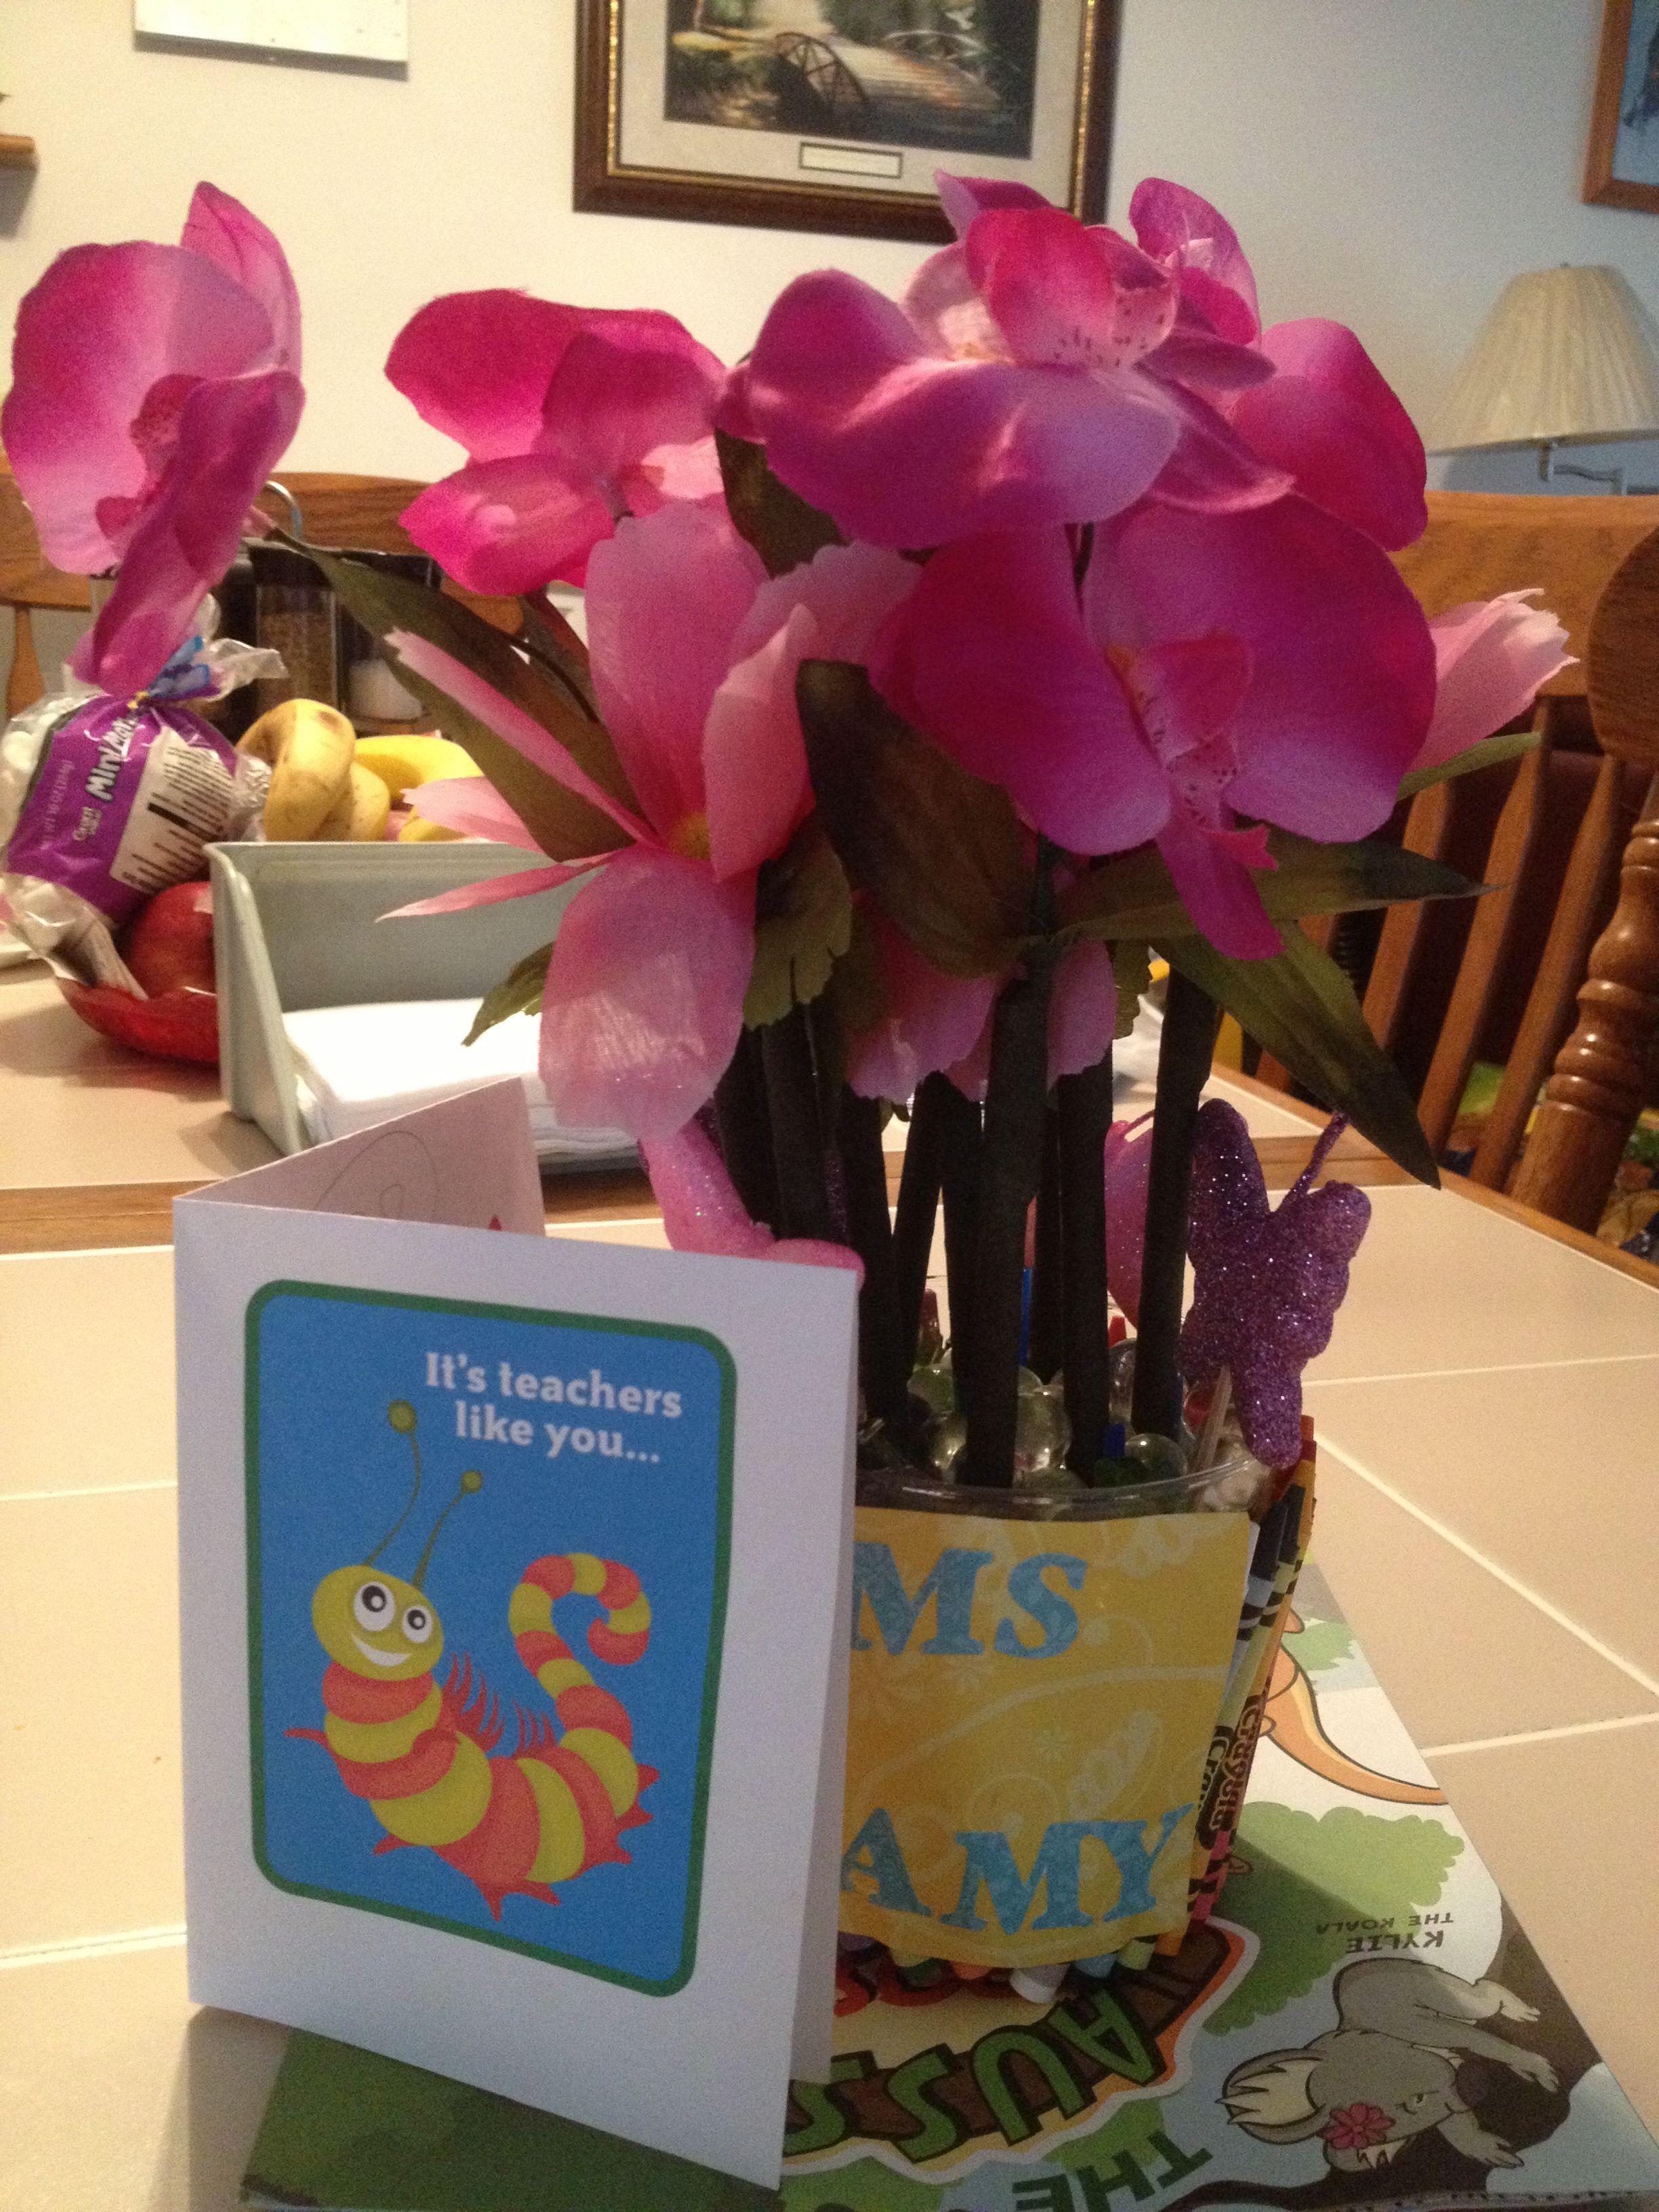 End of year teacher appreciation gift teacher